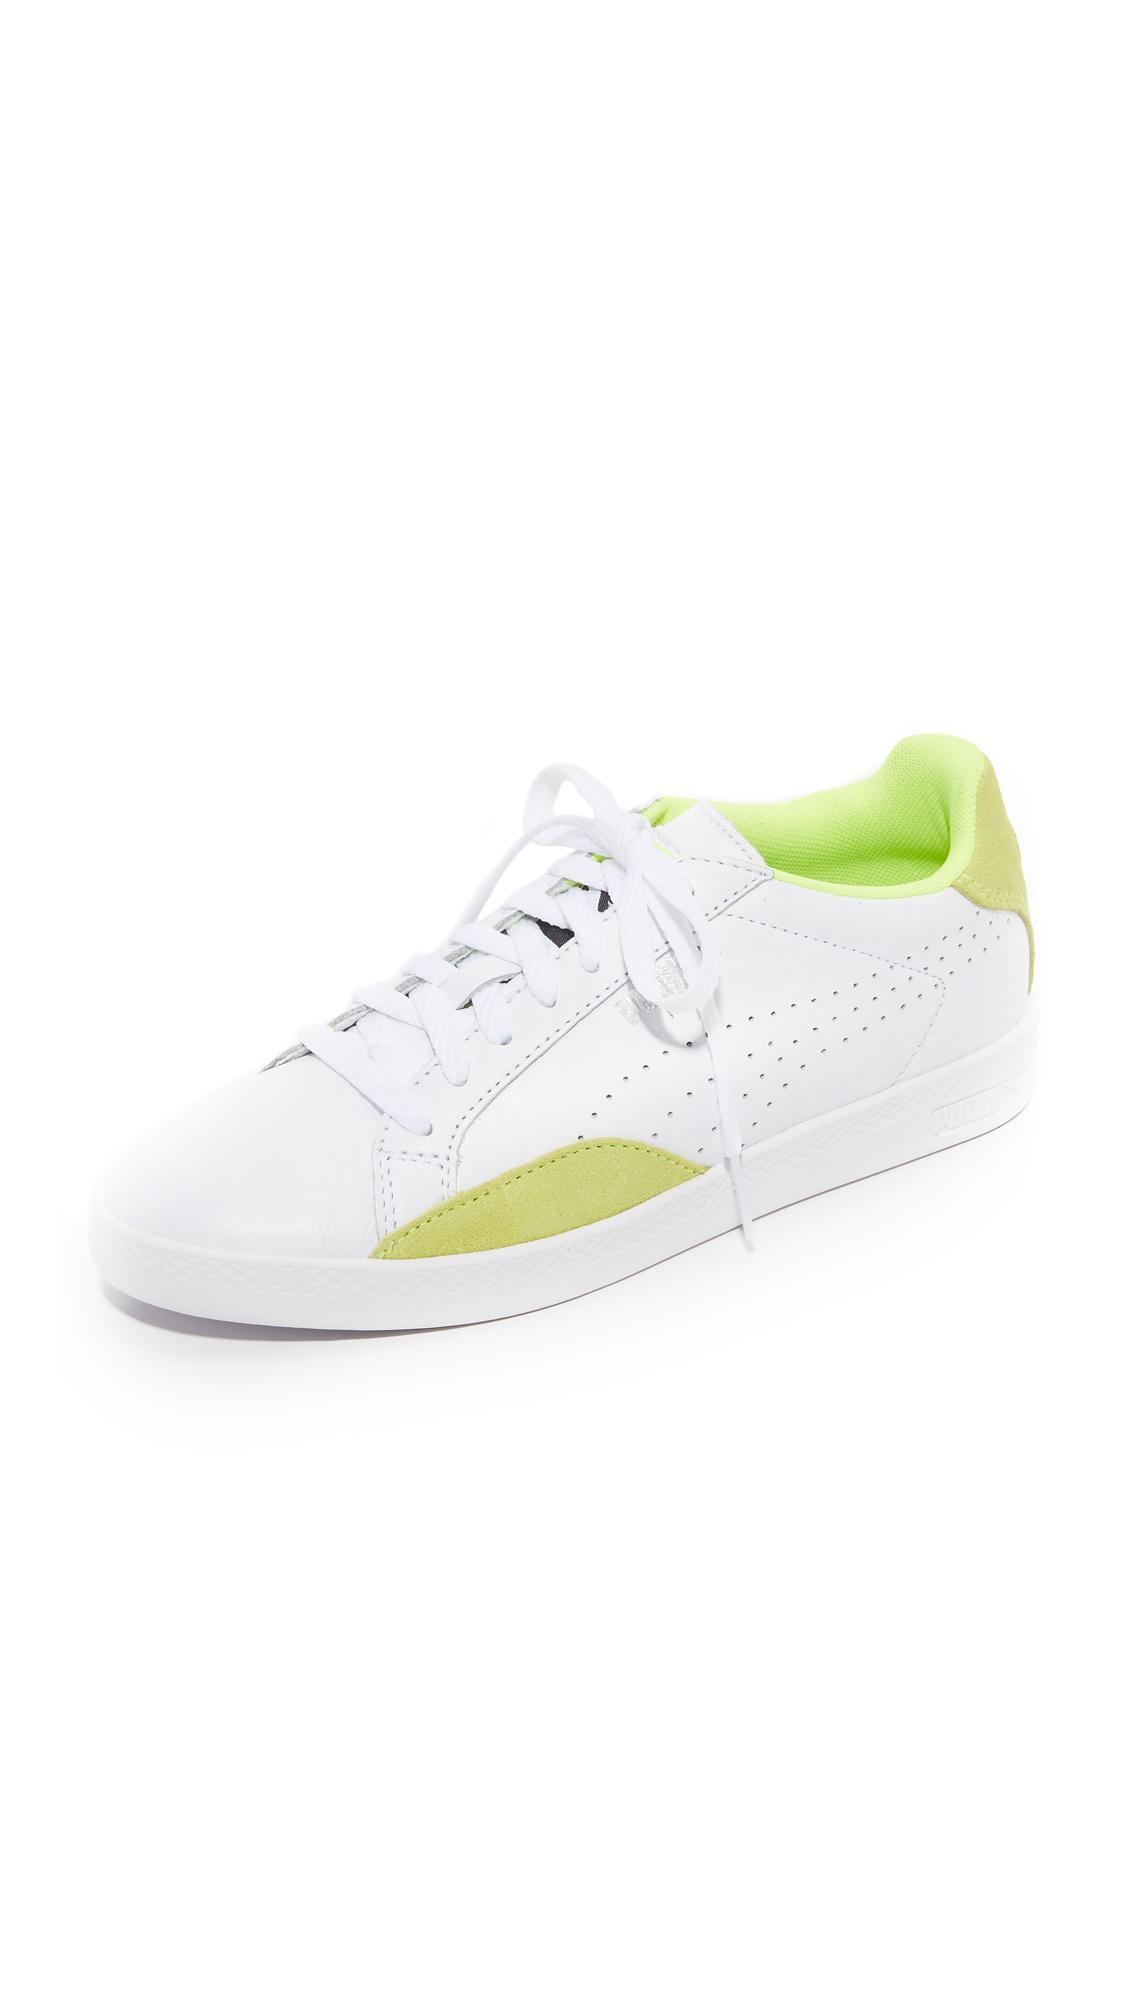 puma female puma match lo basic sports sneakers puma whitesafety yellow